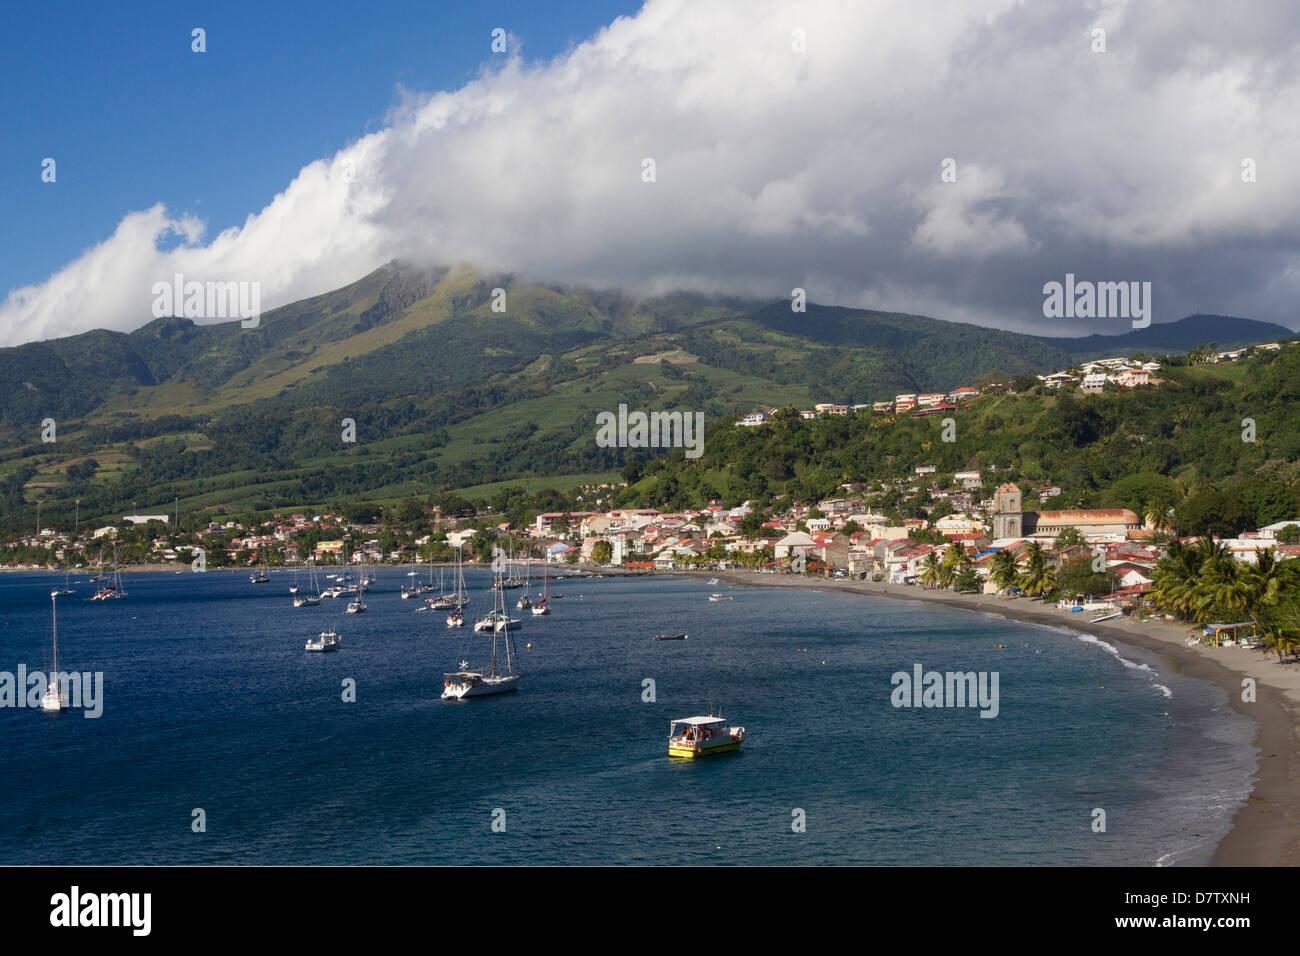 La baie de Saint Pierre, avec le Mont Pelee derrière, scène de 1902 les catastrophes volcaniques, Martinique, Photo Stock